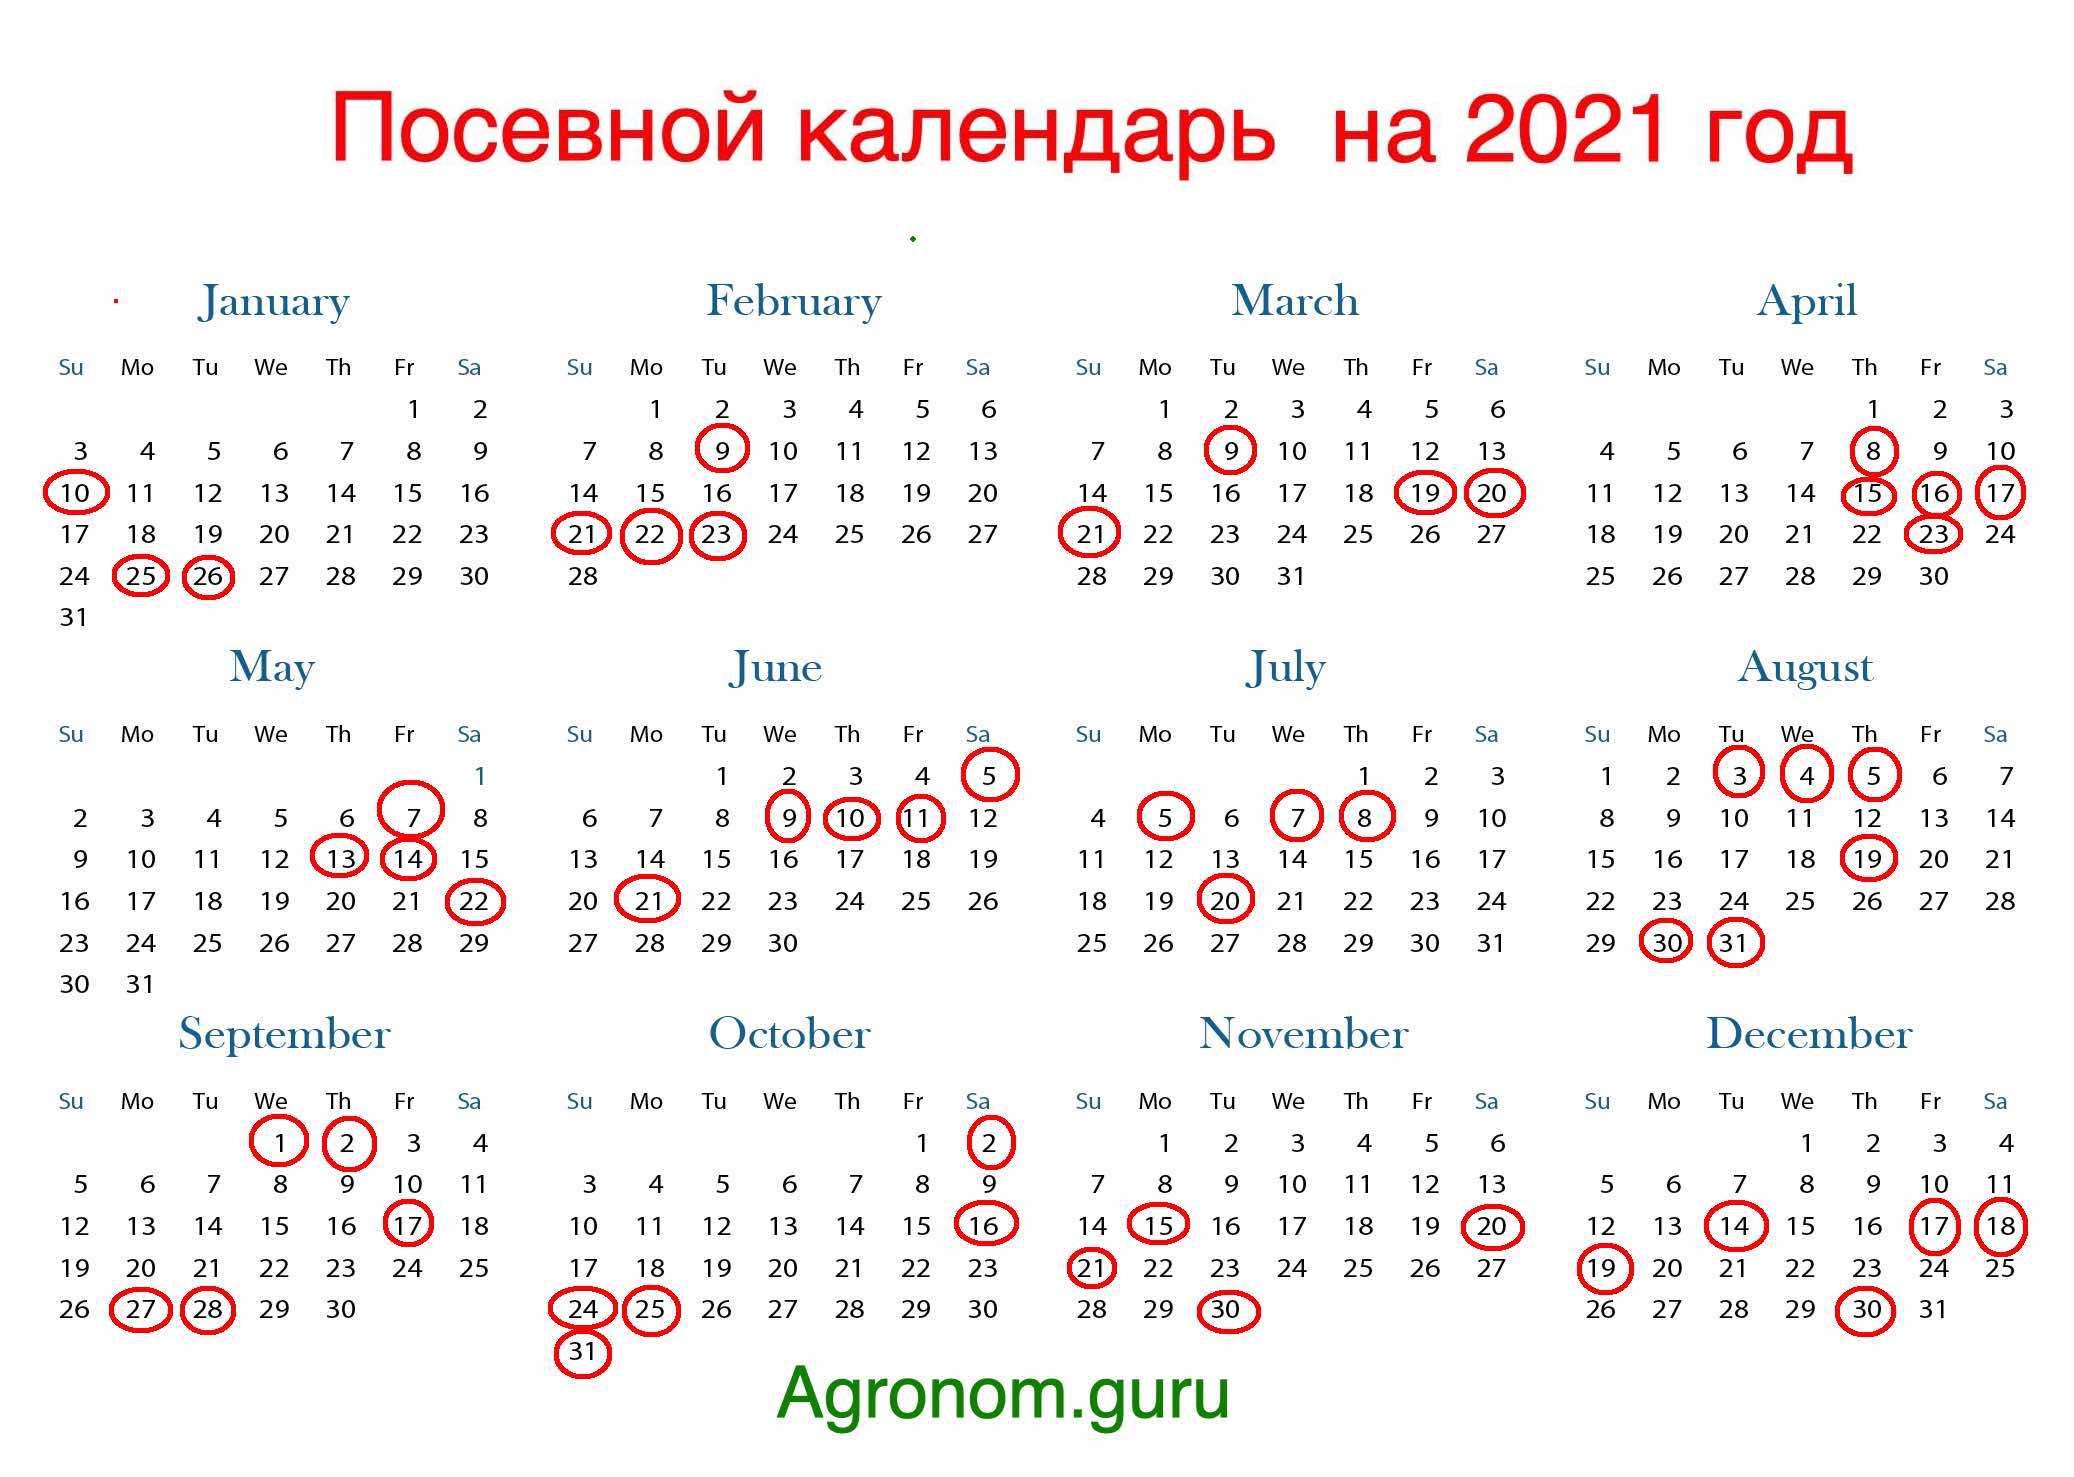 Посевной календарь 2021